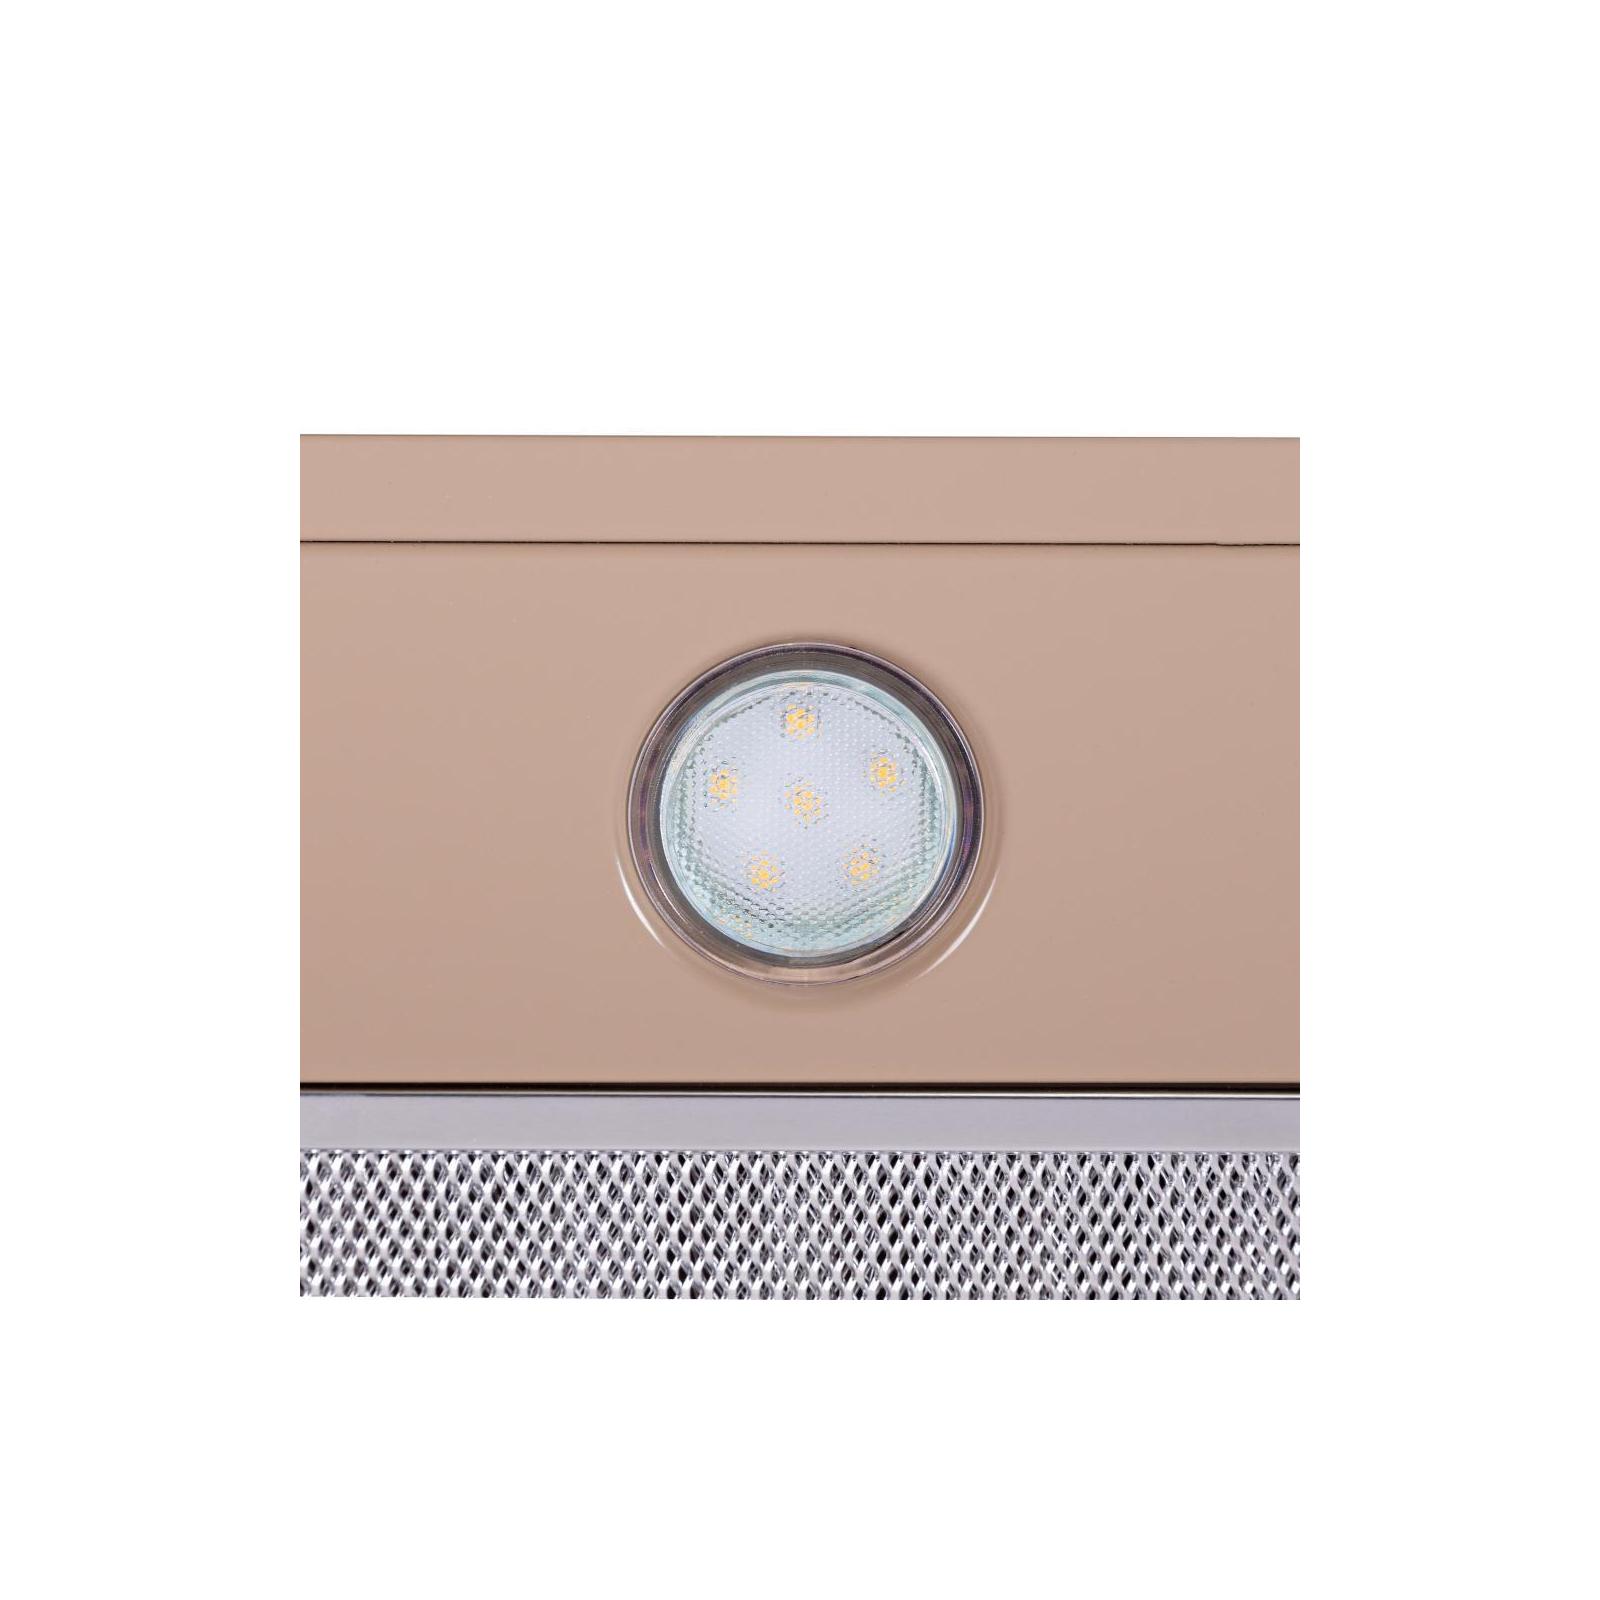 Вытяжка кухонная PERFELLI BIET 6512 A 1000 DARK IV LED изображение 6